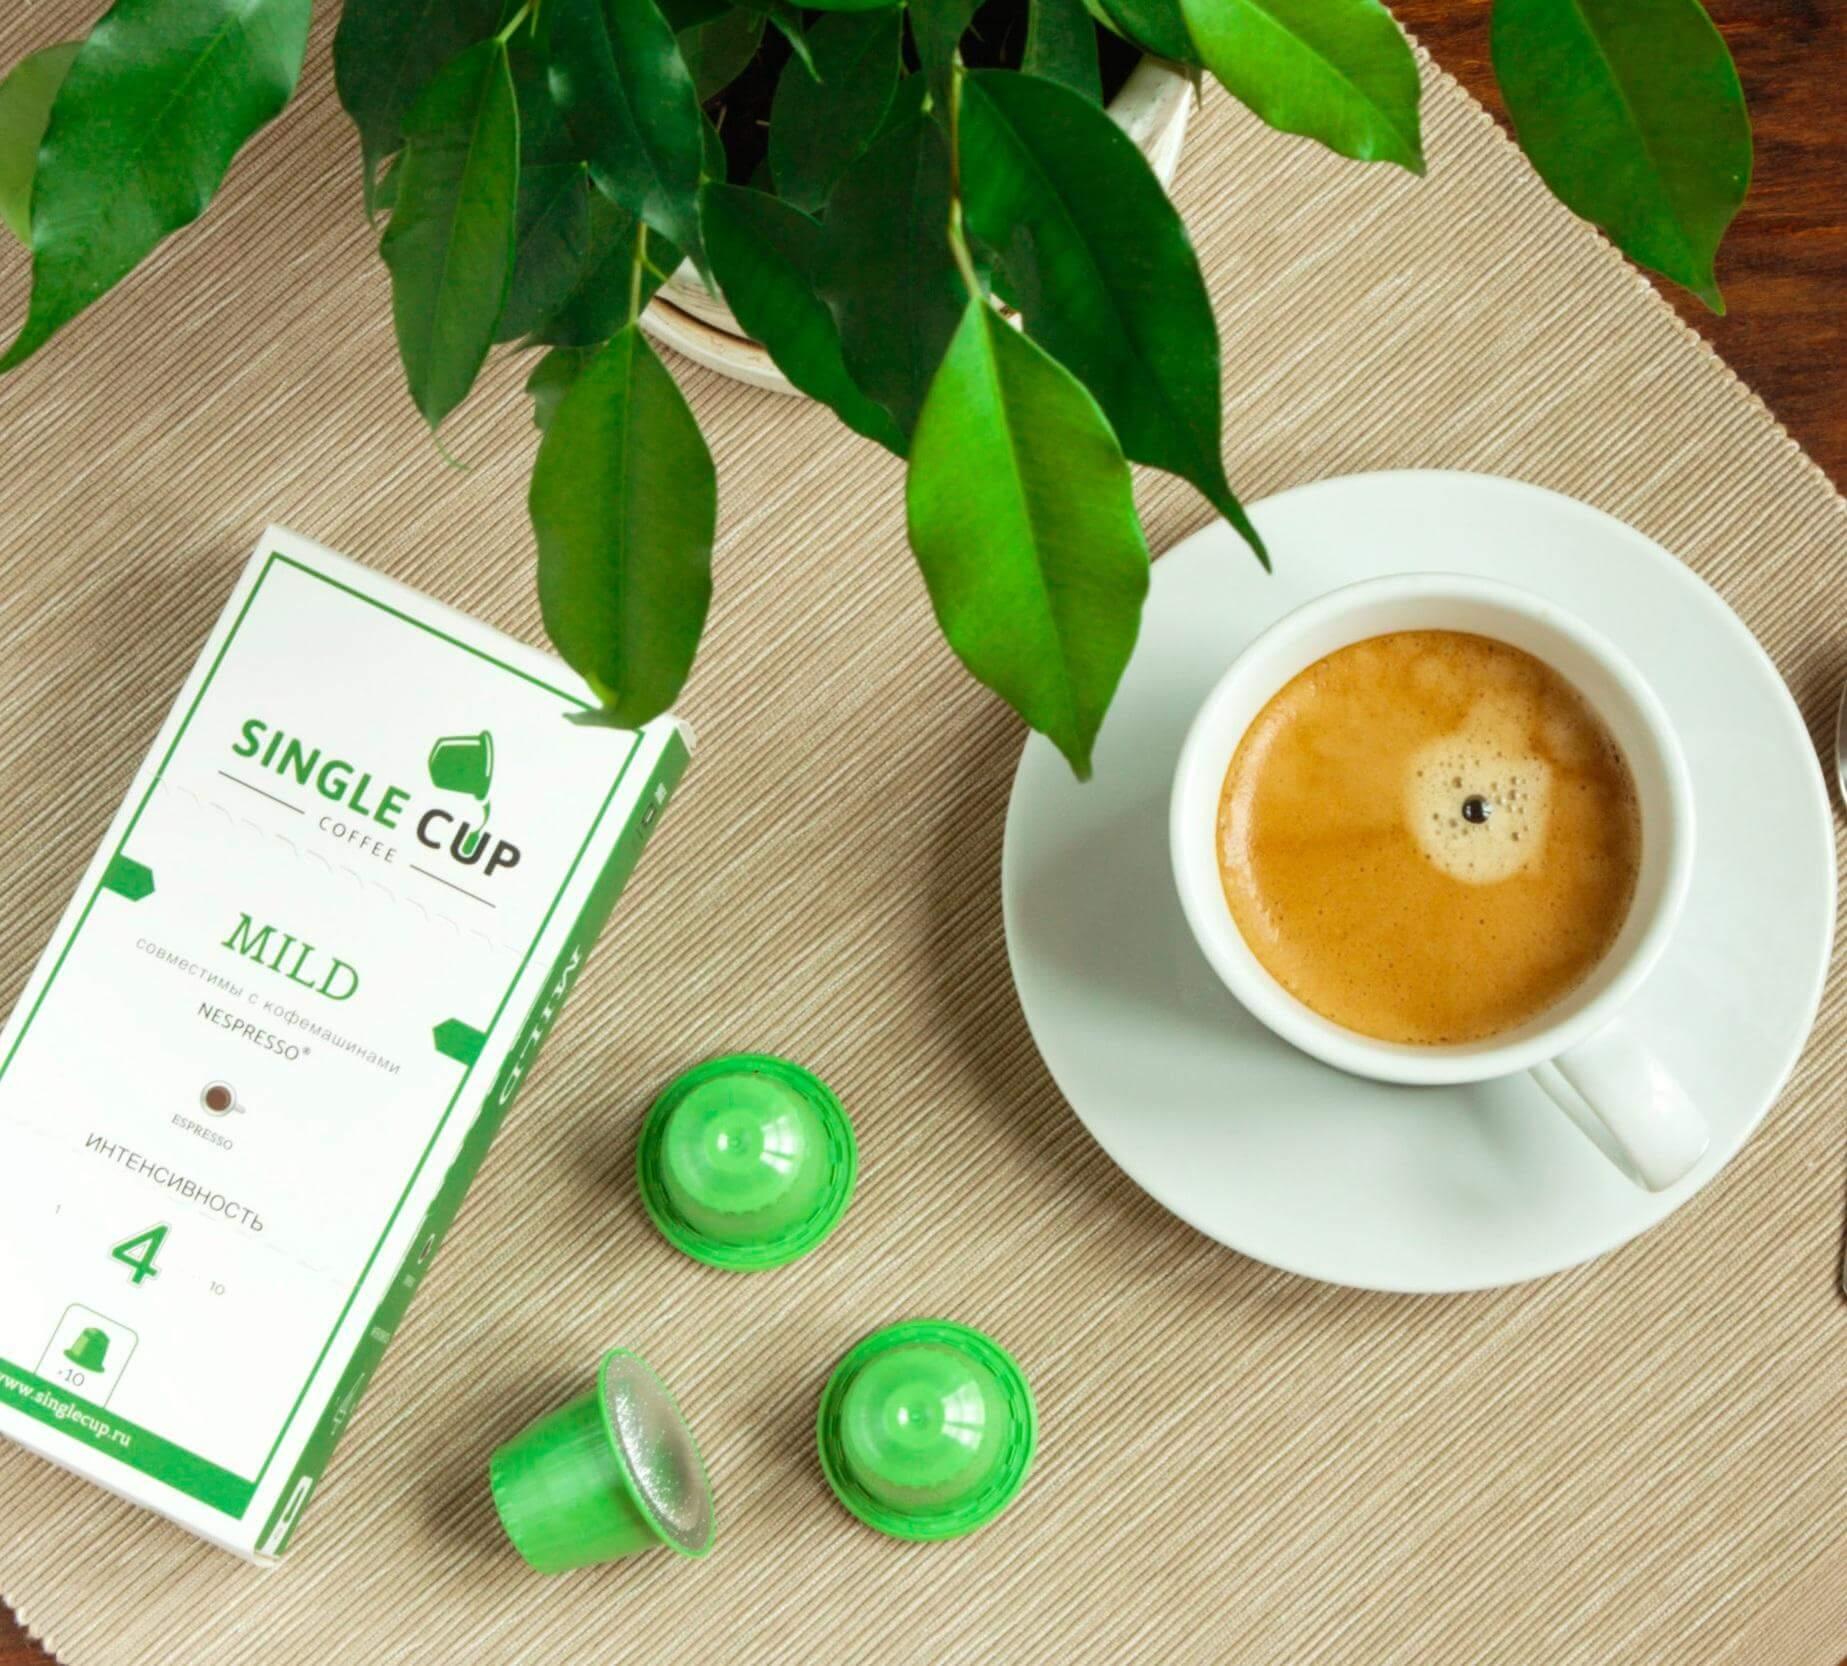 Кофе капсулы Single Cup Mild для кофемашин Nespresso нотки меда и яблока